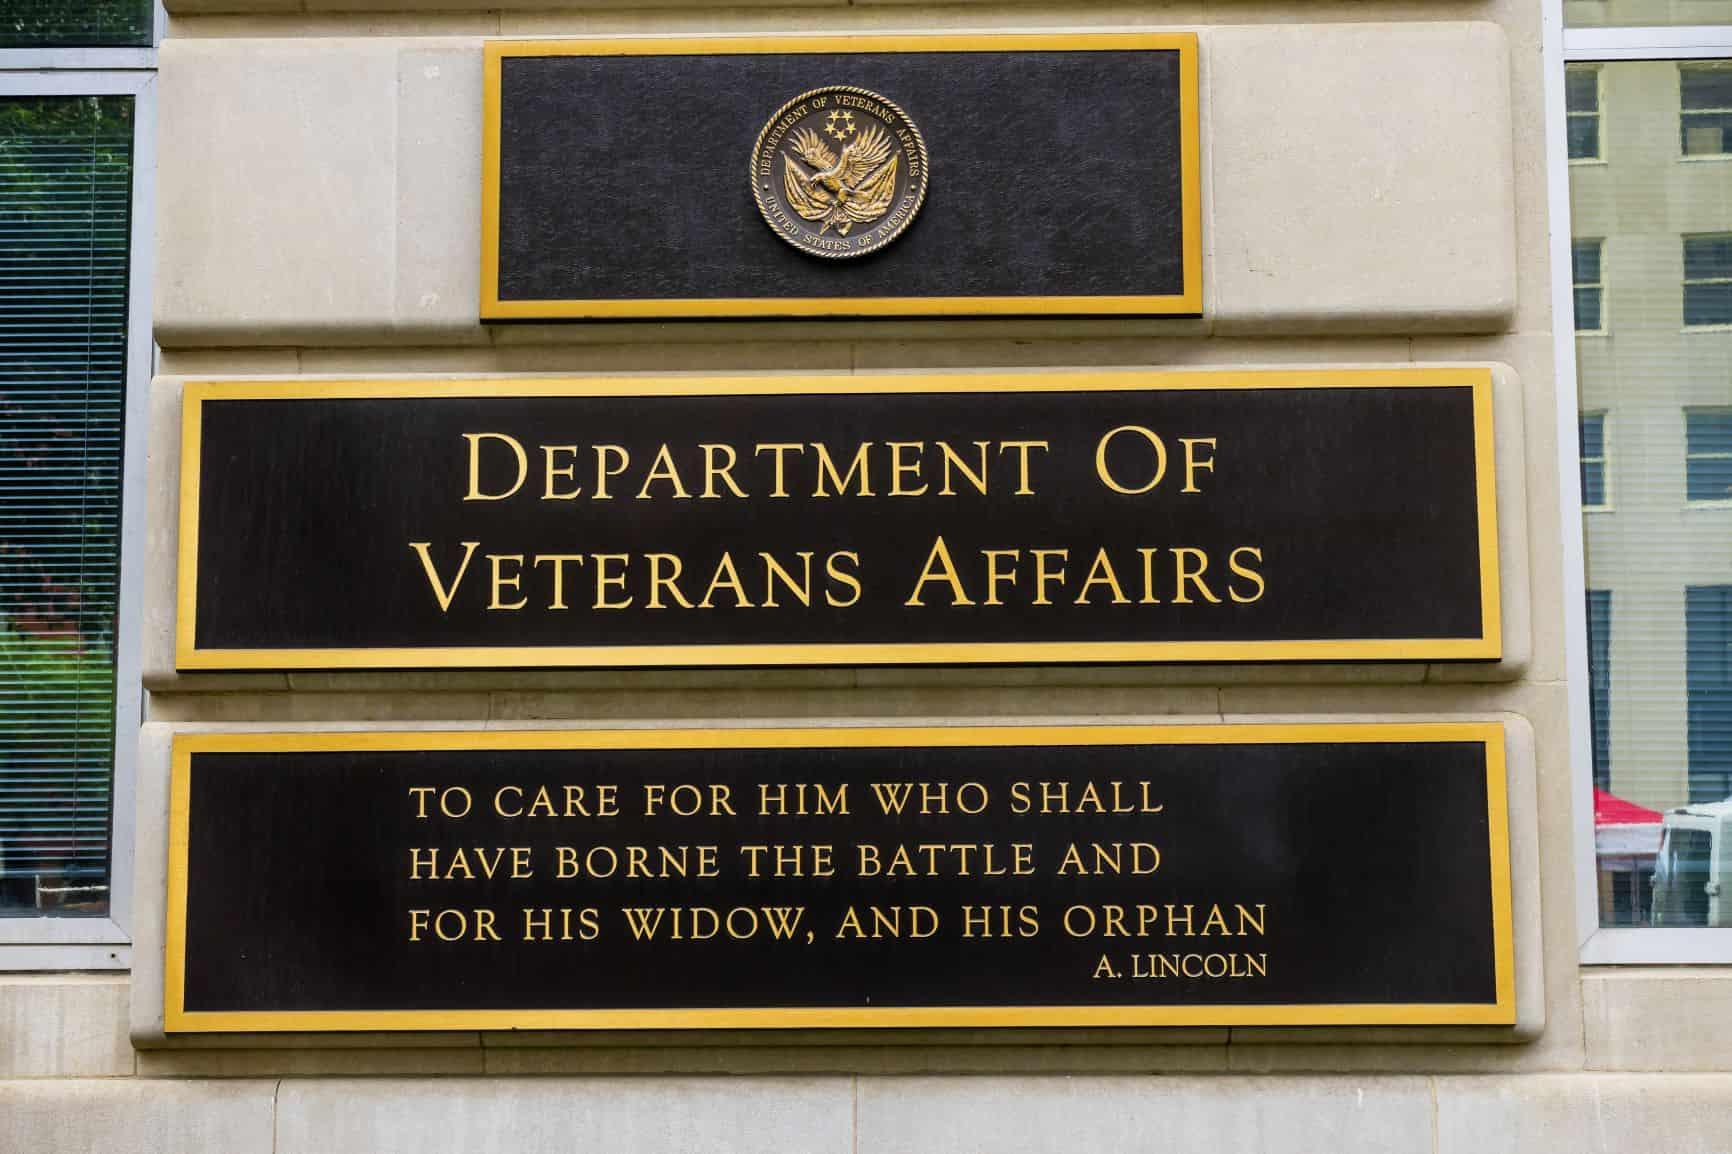 Today's VA Represents a History of Service